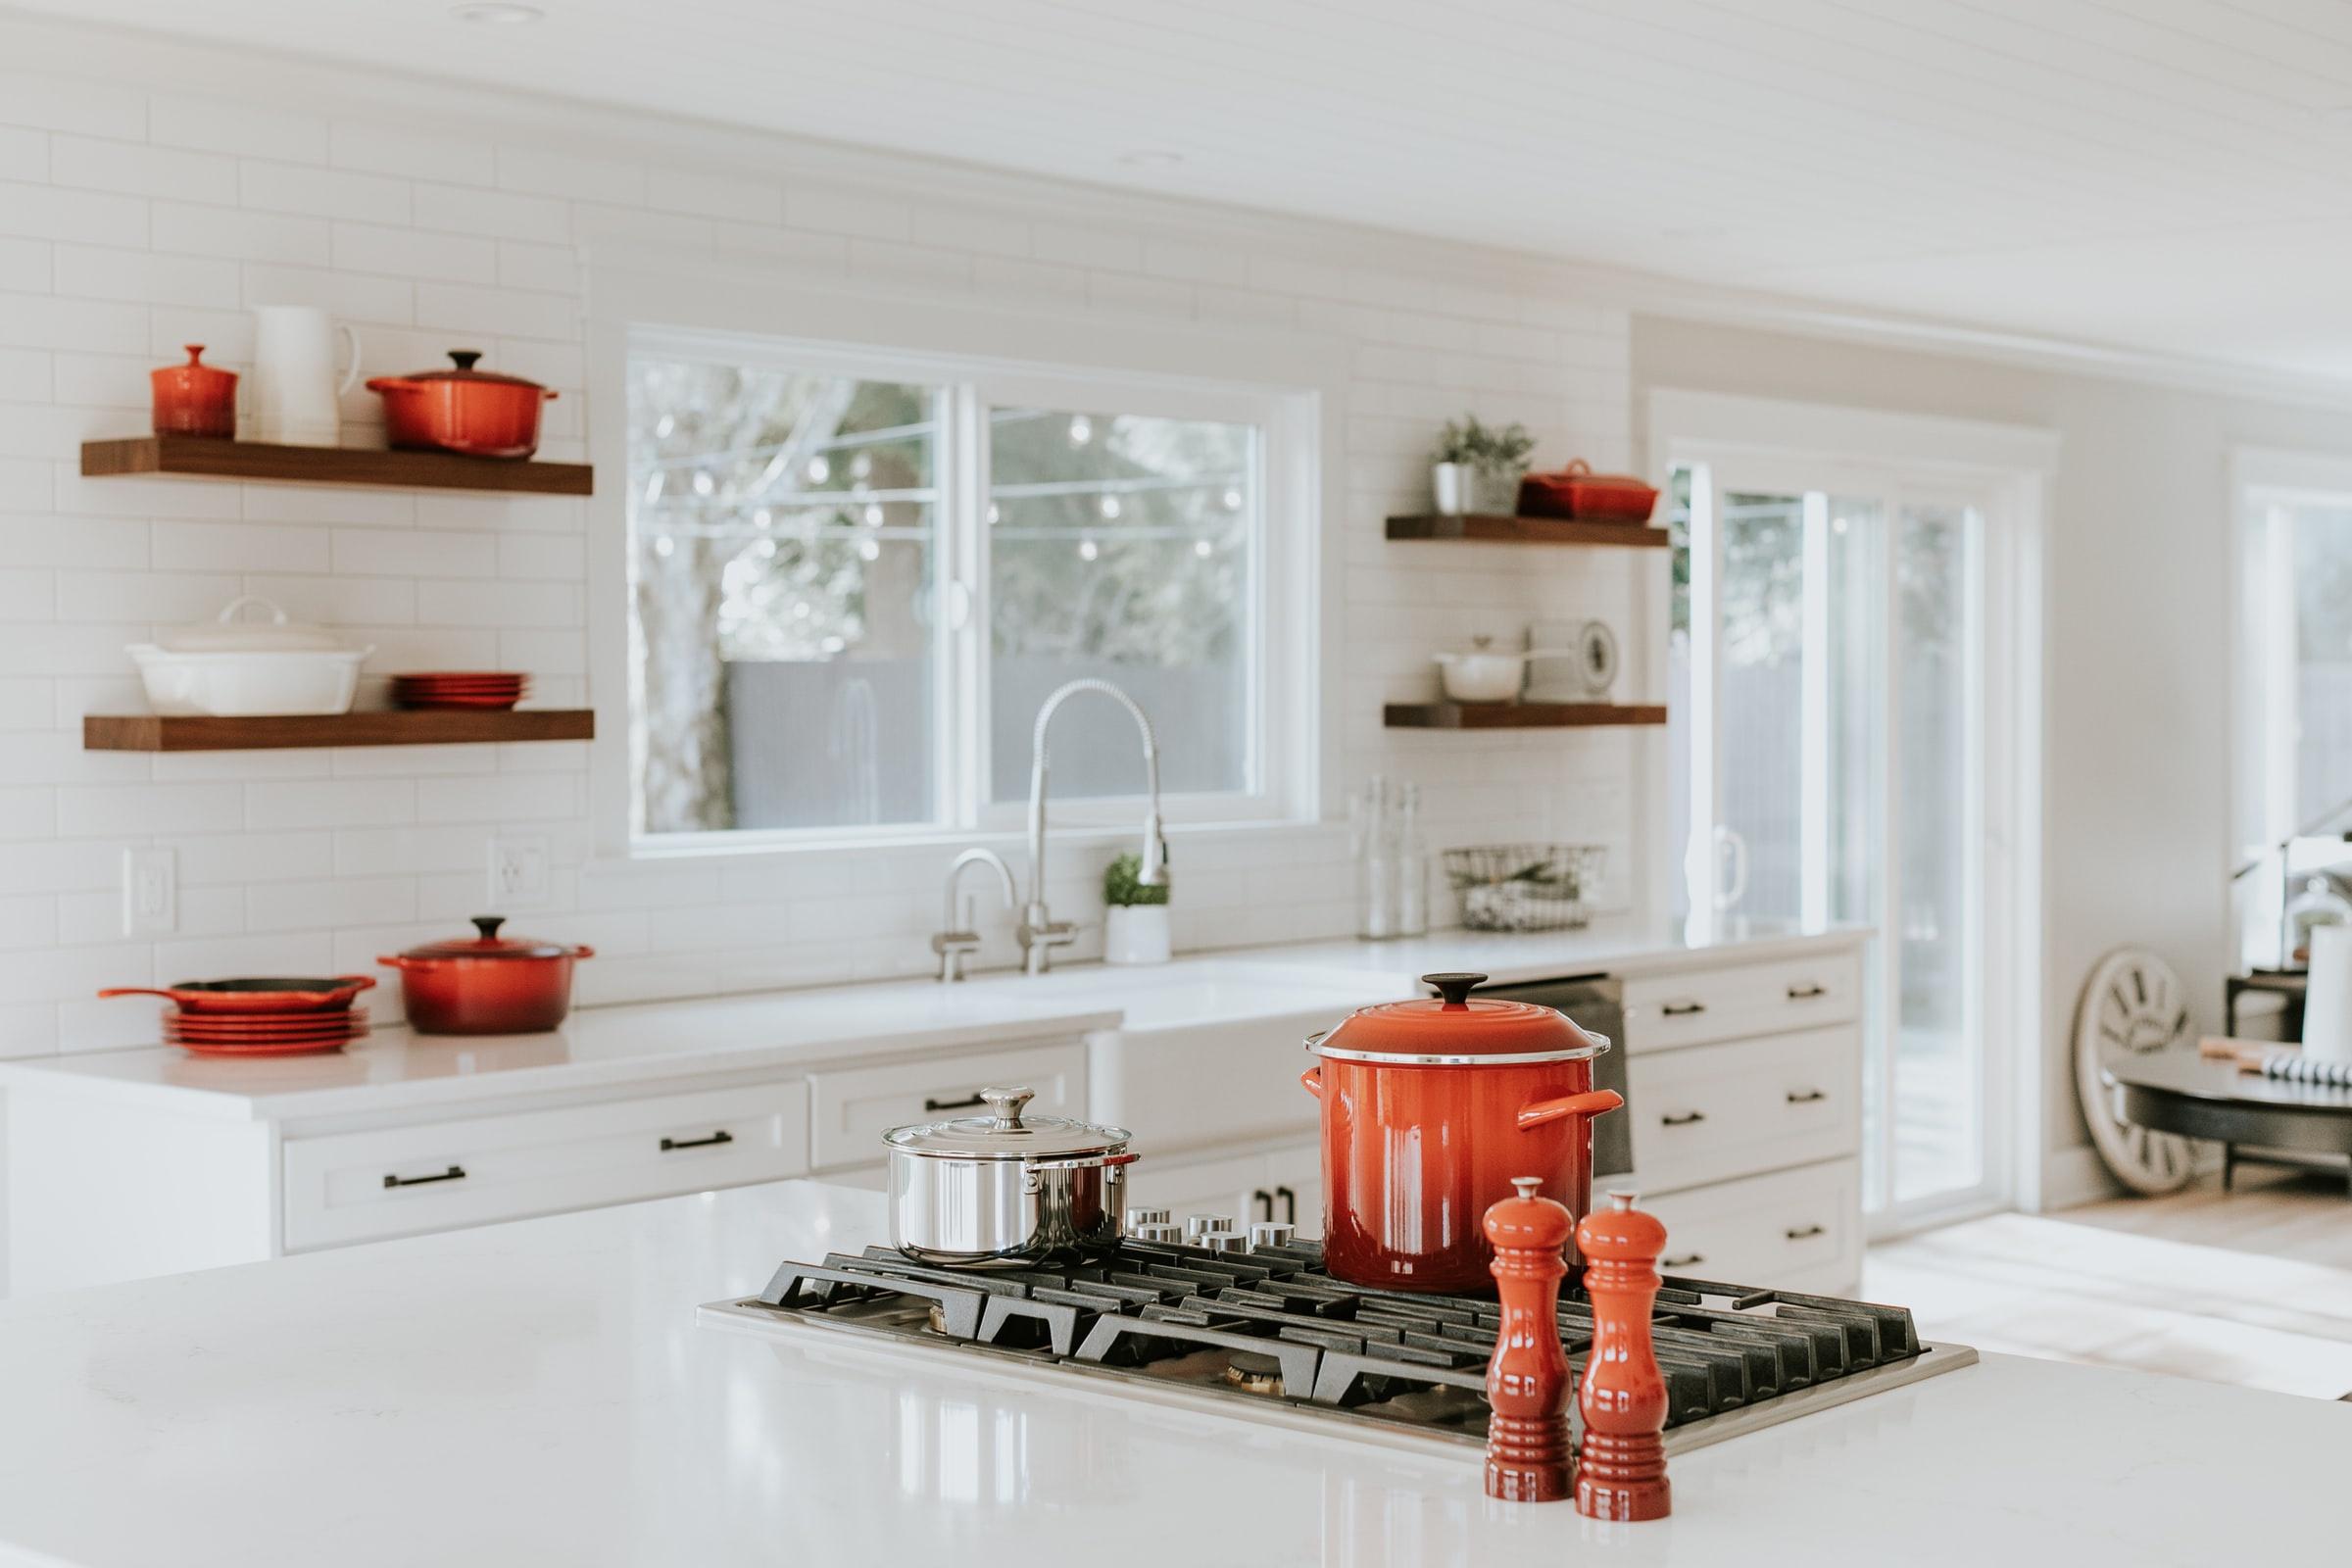 Bố trí nội thất trong gian bếp nhỏ theo cách của người nhật